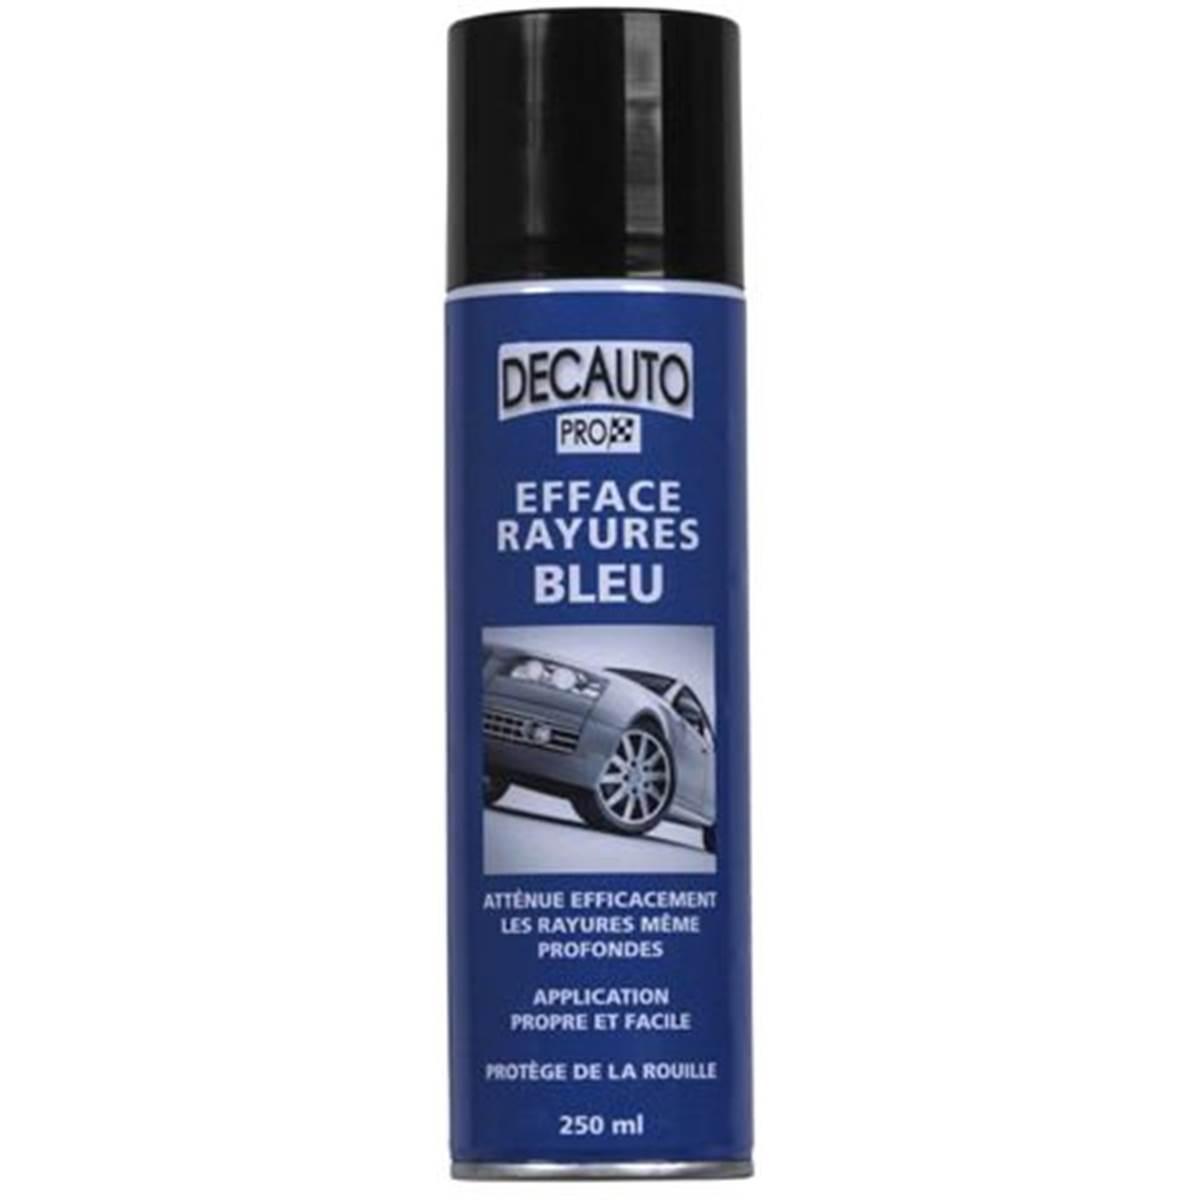 Efface rayures bleu en spray, 250 ml